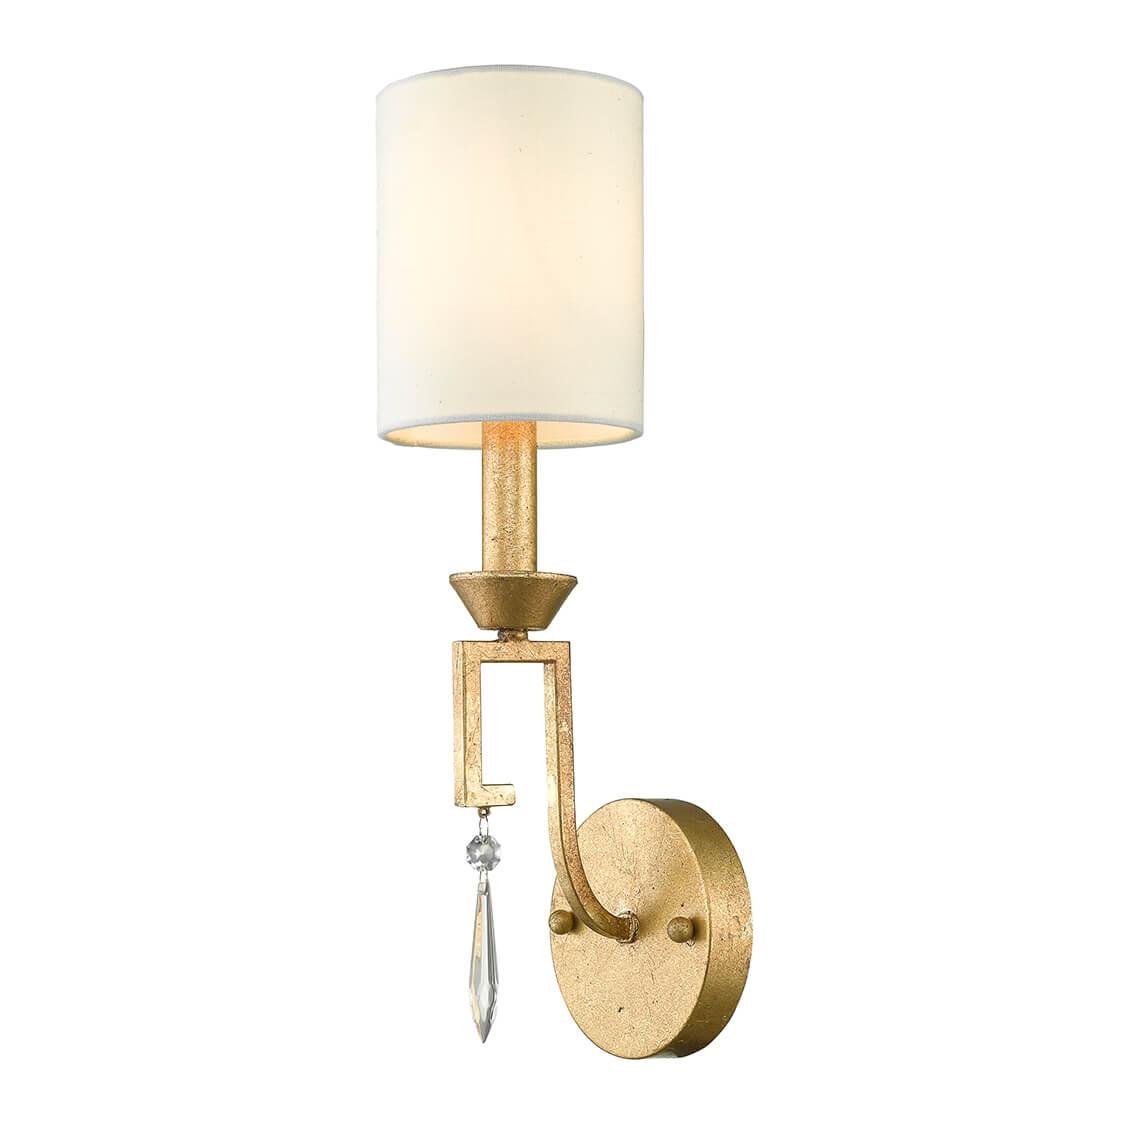 złoty, klasyczny kinkiet świecznikowy z dekoracyjnym kryształkiem